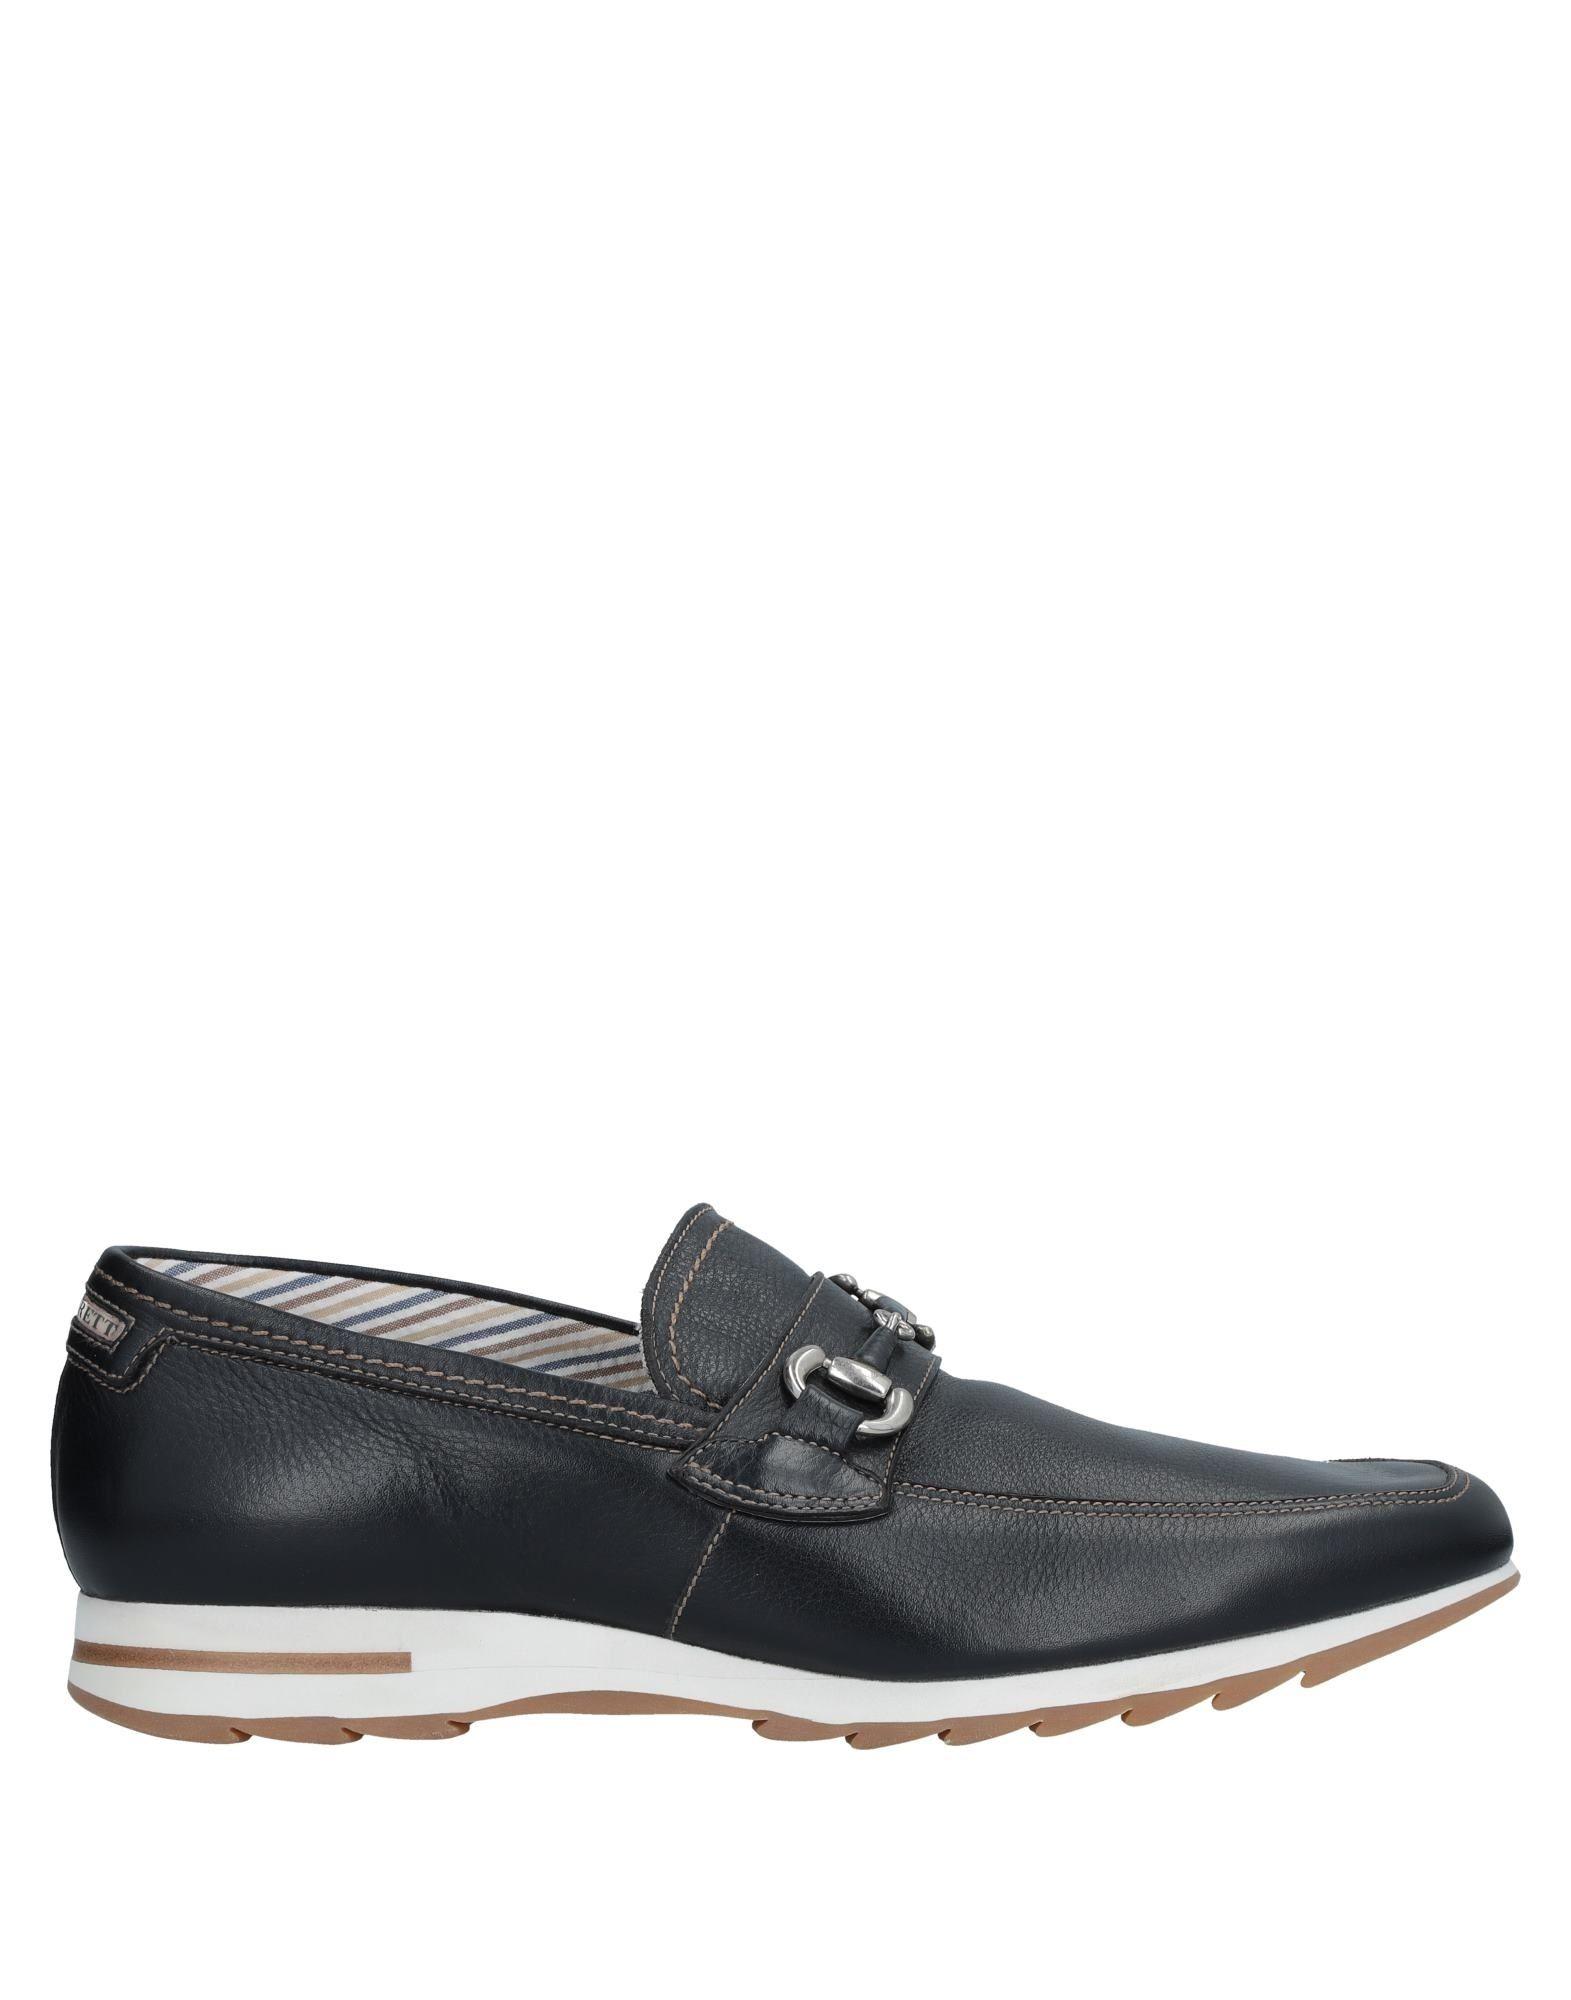 Blu|Barrett By Barrett Mokassins Herren  11536640GV Gute Qualität beliebte Schuhe